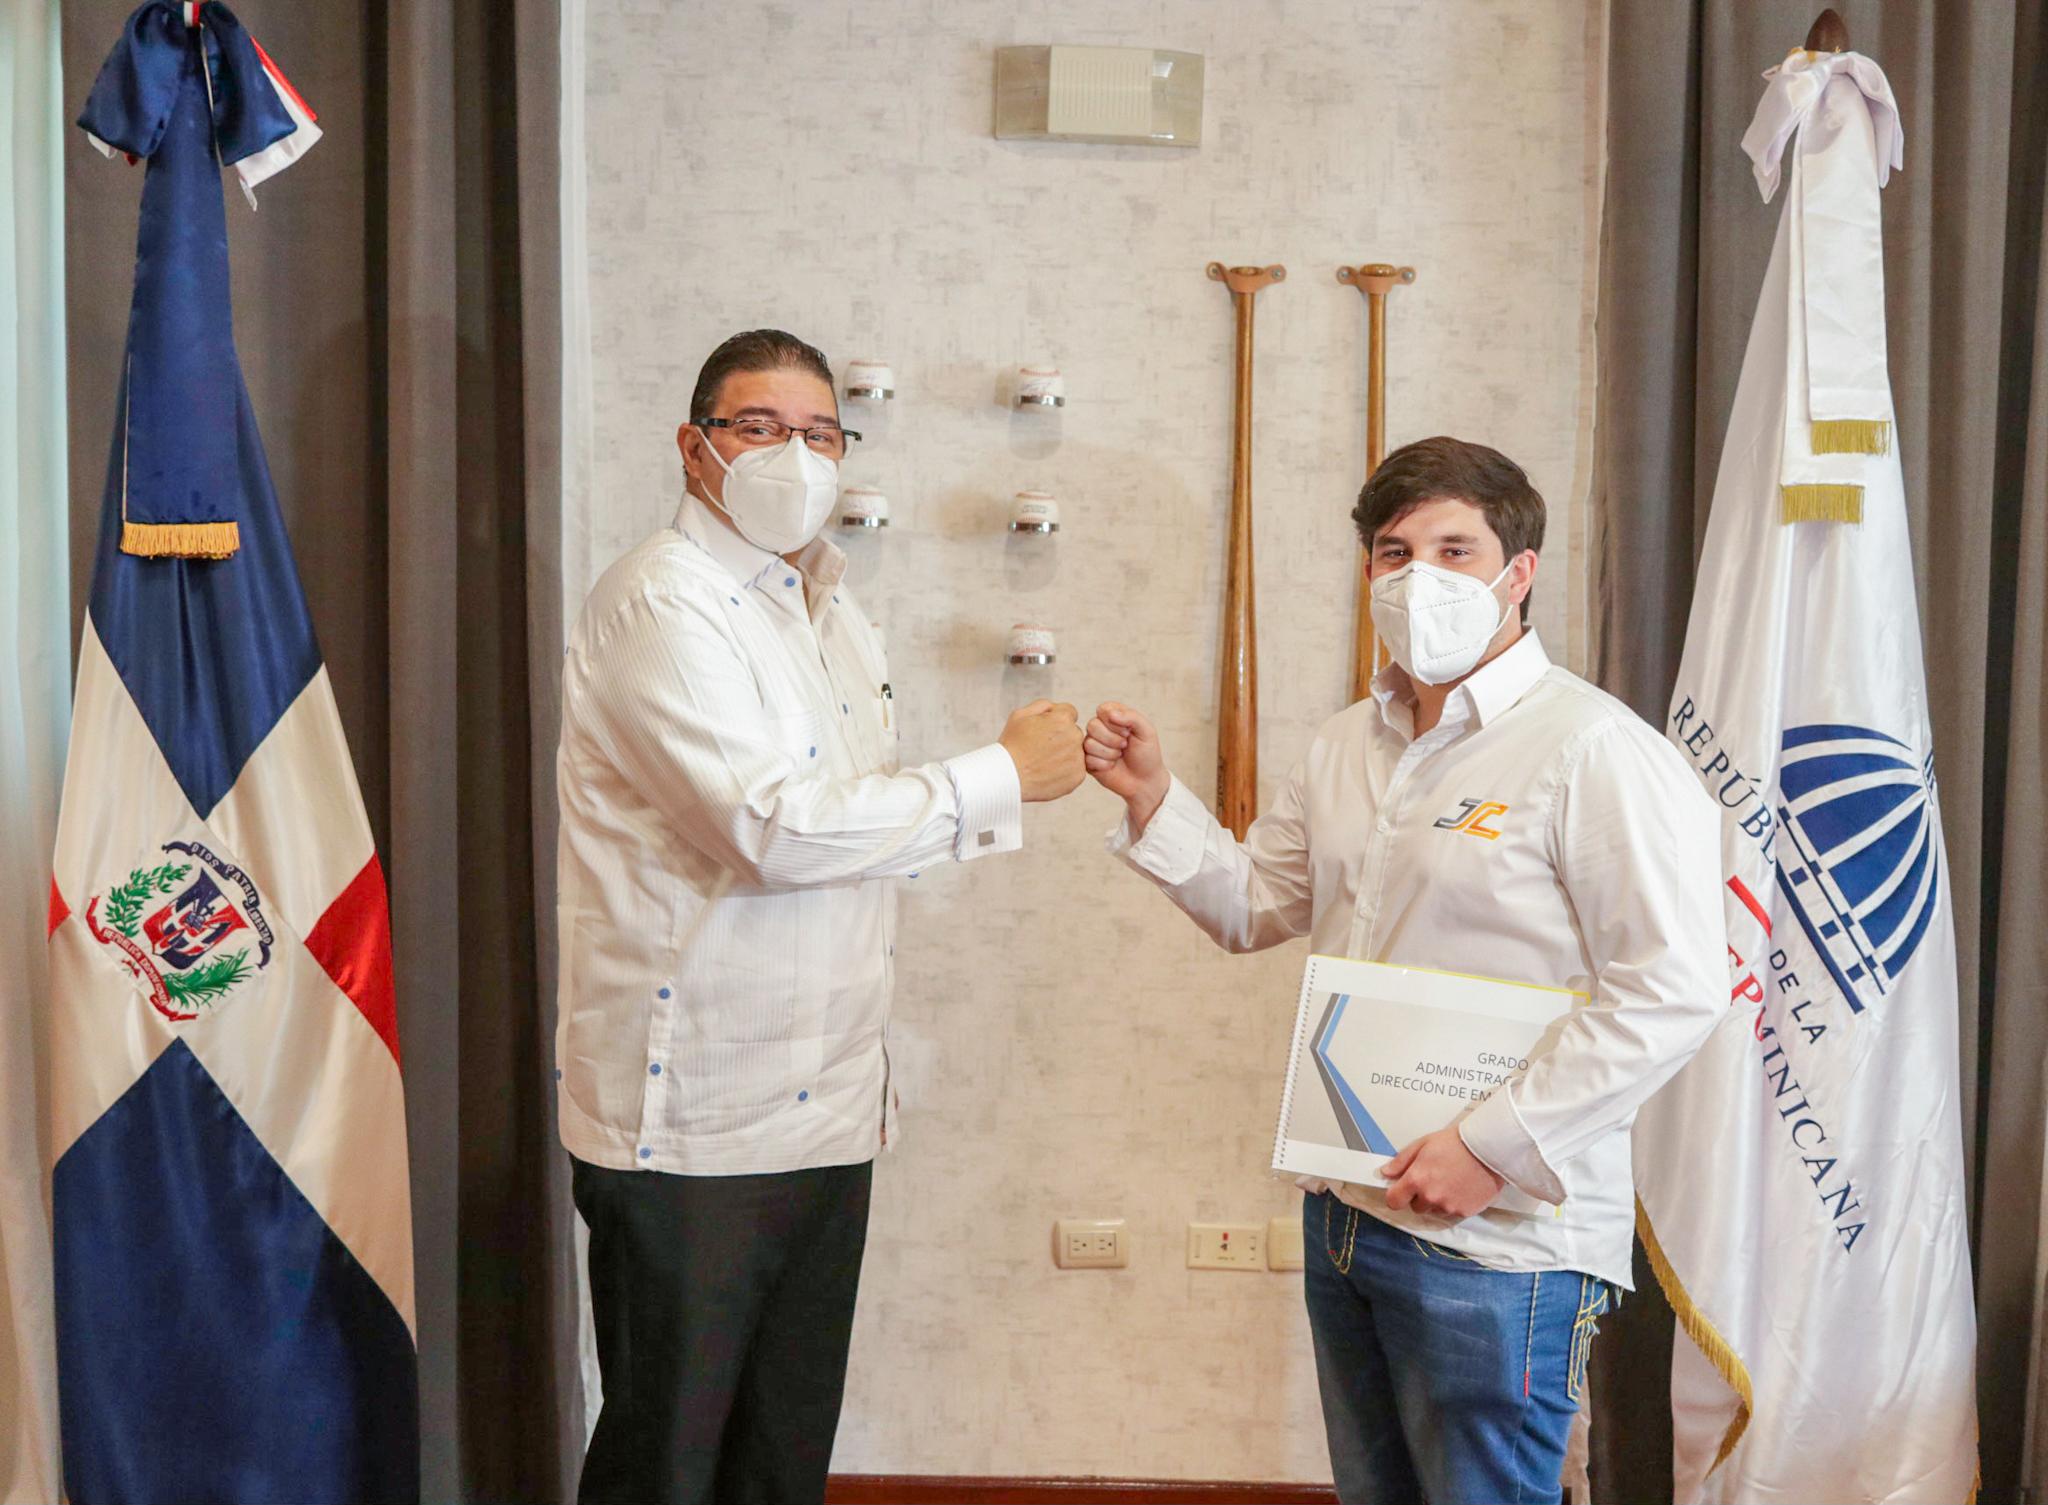 Piloto Jimmy Llibre agradece apoyo  del Miderec por beca para España